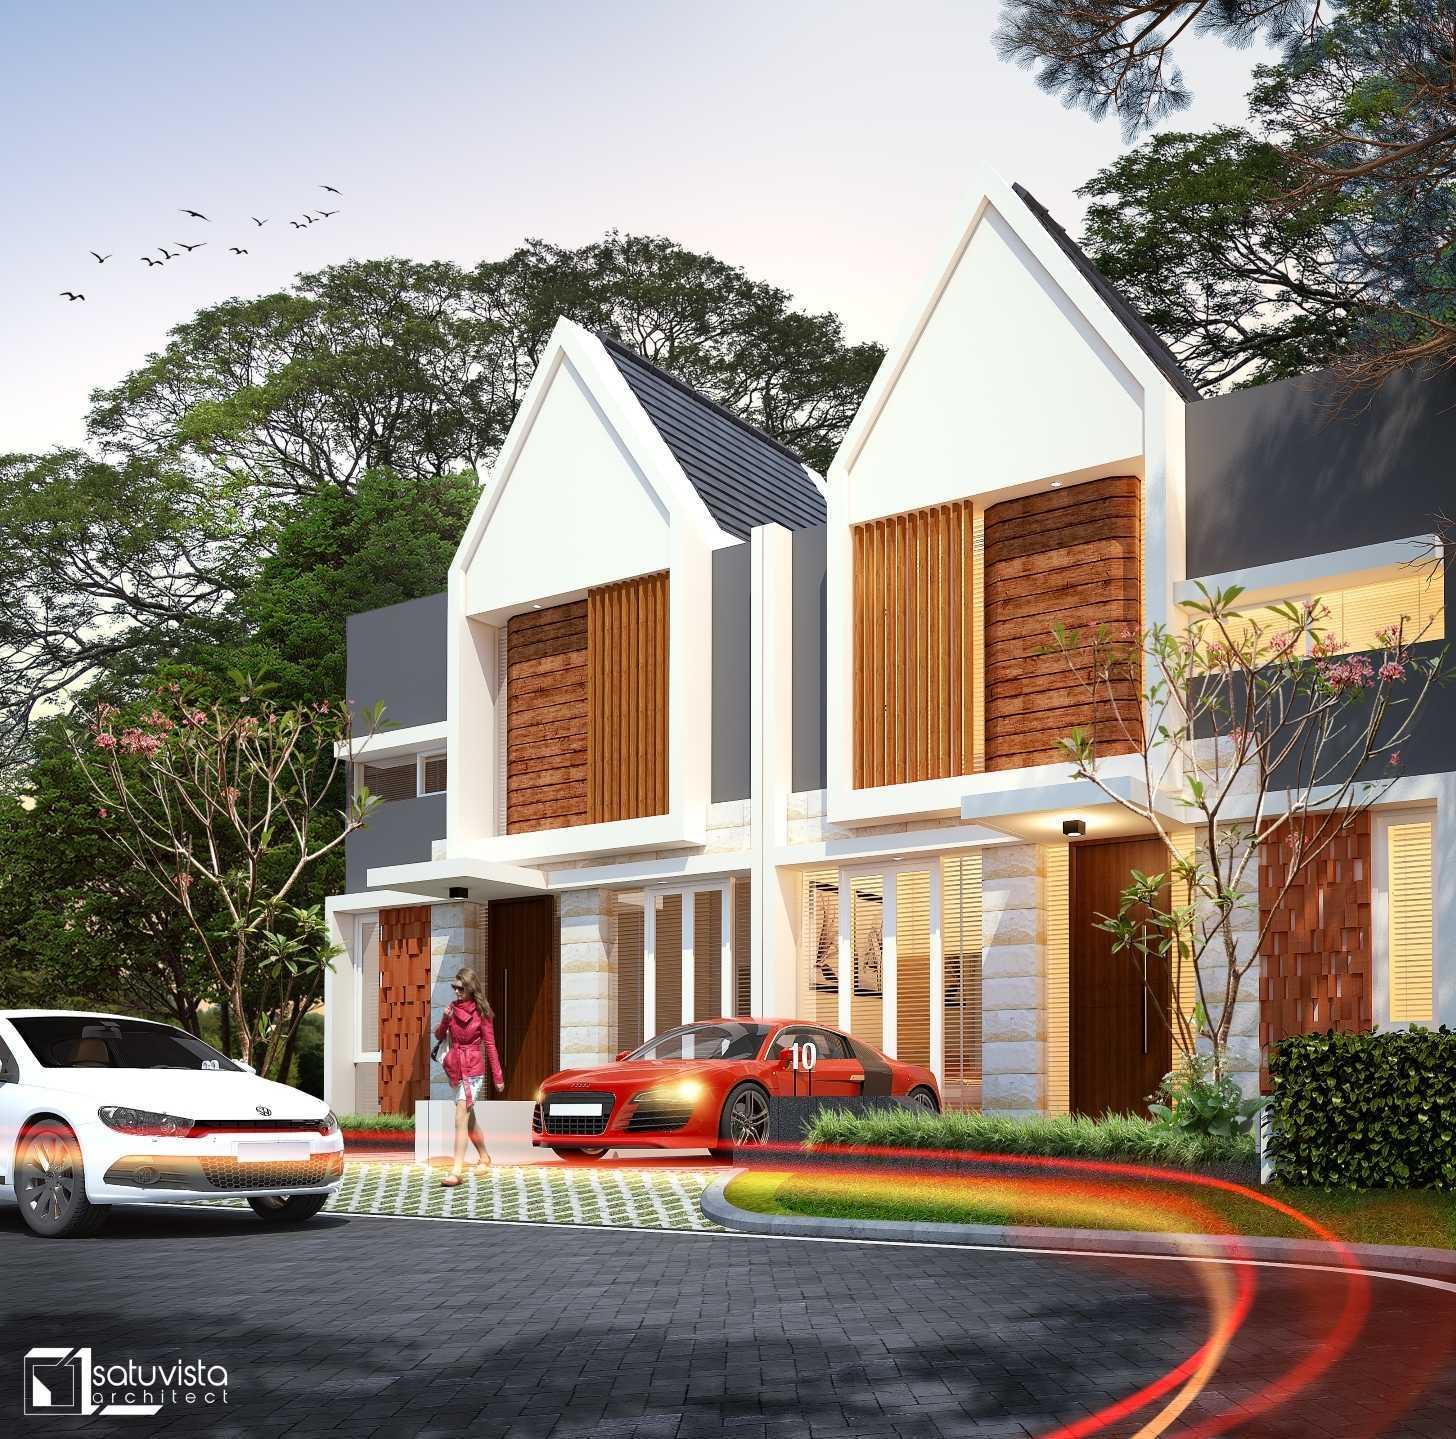 Satuvista Architect Patra Garden Residence  Malang, Kota Malang, Jawa Timur, Indonesia Malang, Kota Malang, Jawa Timur, Indonesia Exterior View  50580